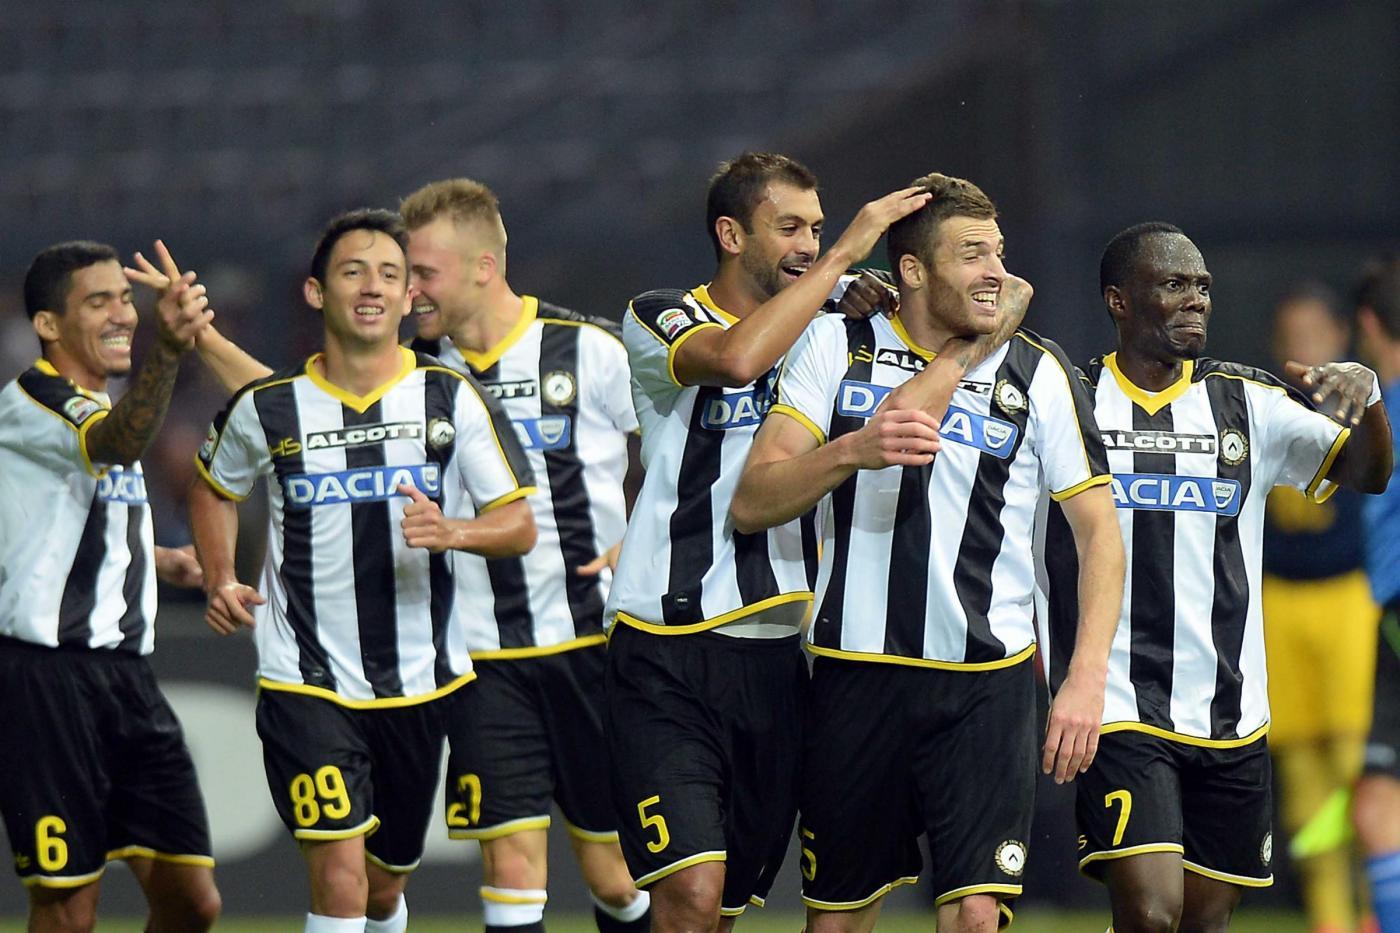 Pagelle Serie A 2014/15: i voti della quinta giornata